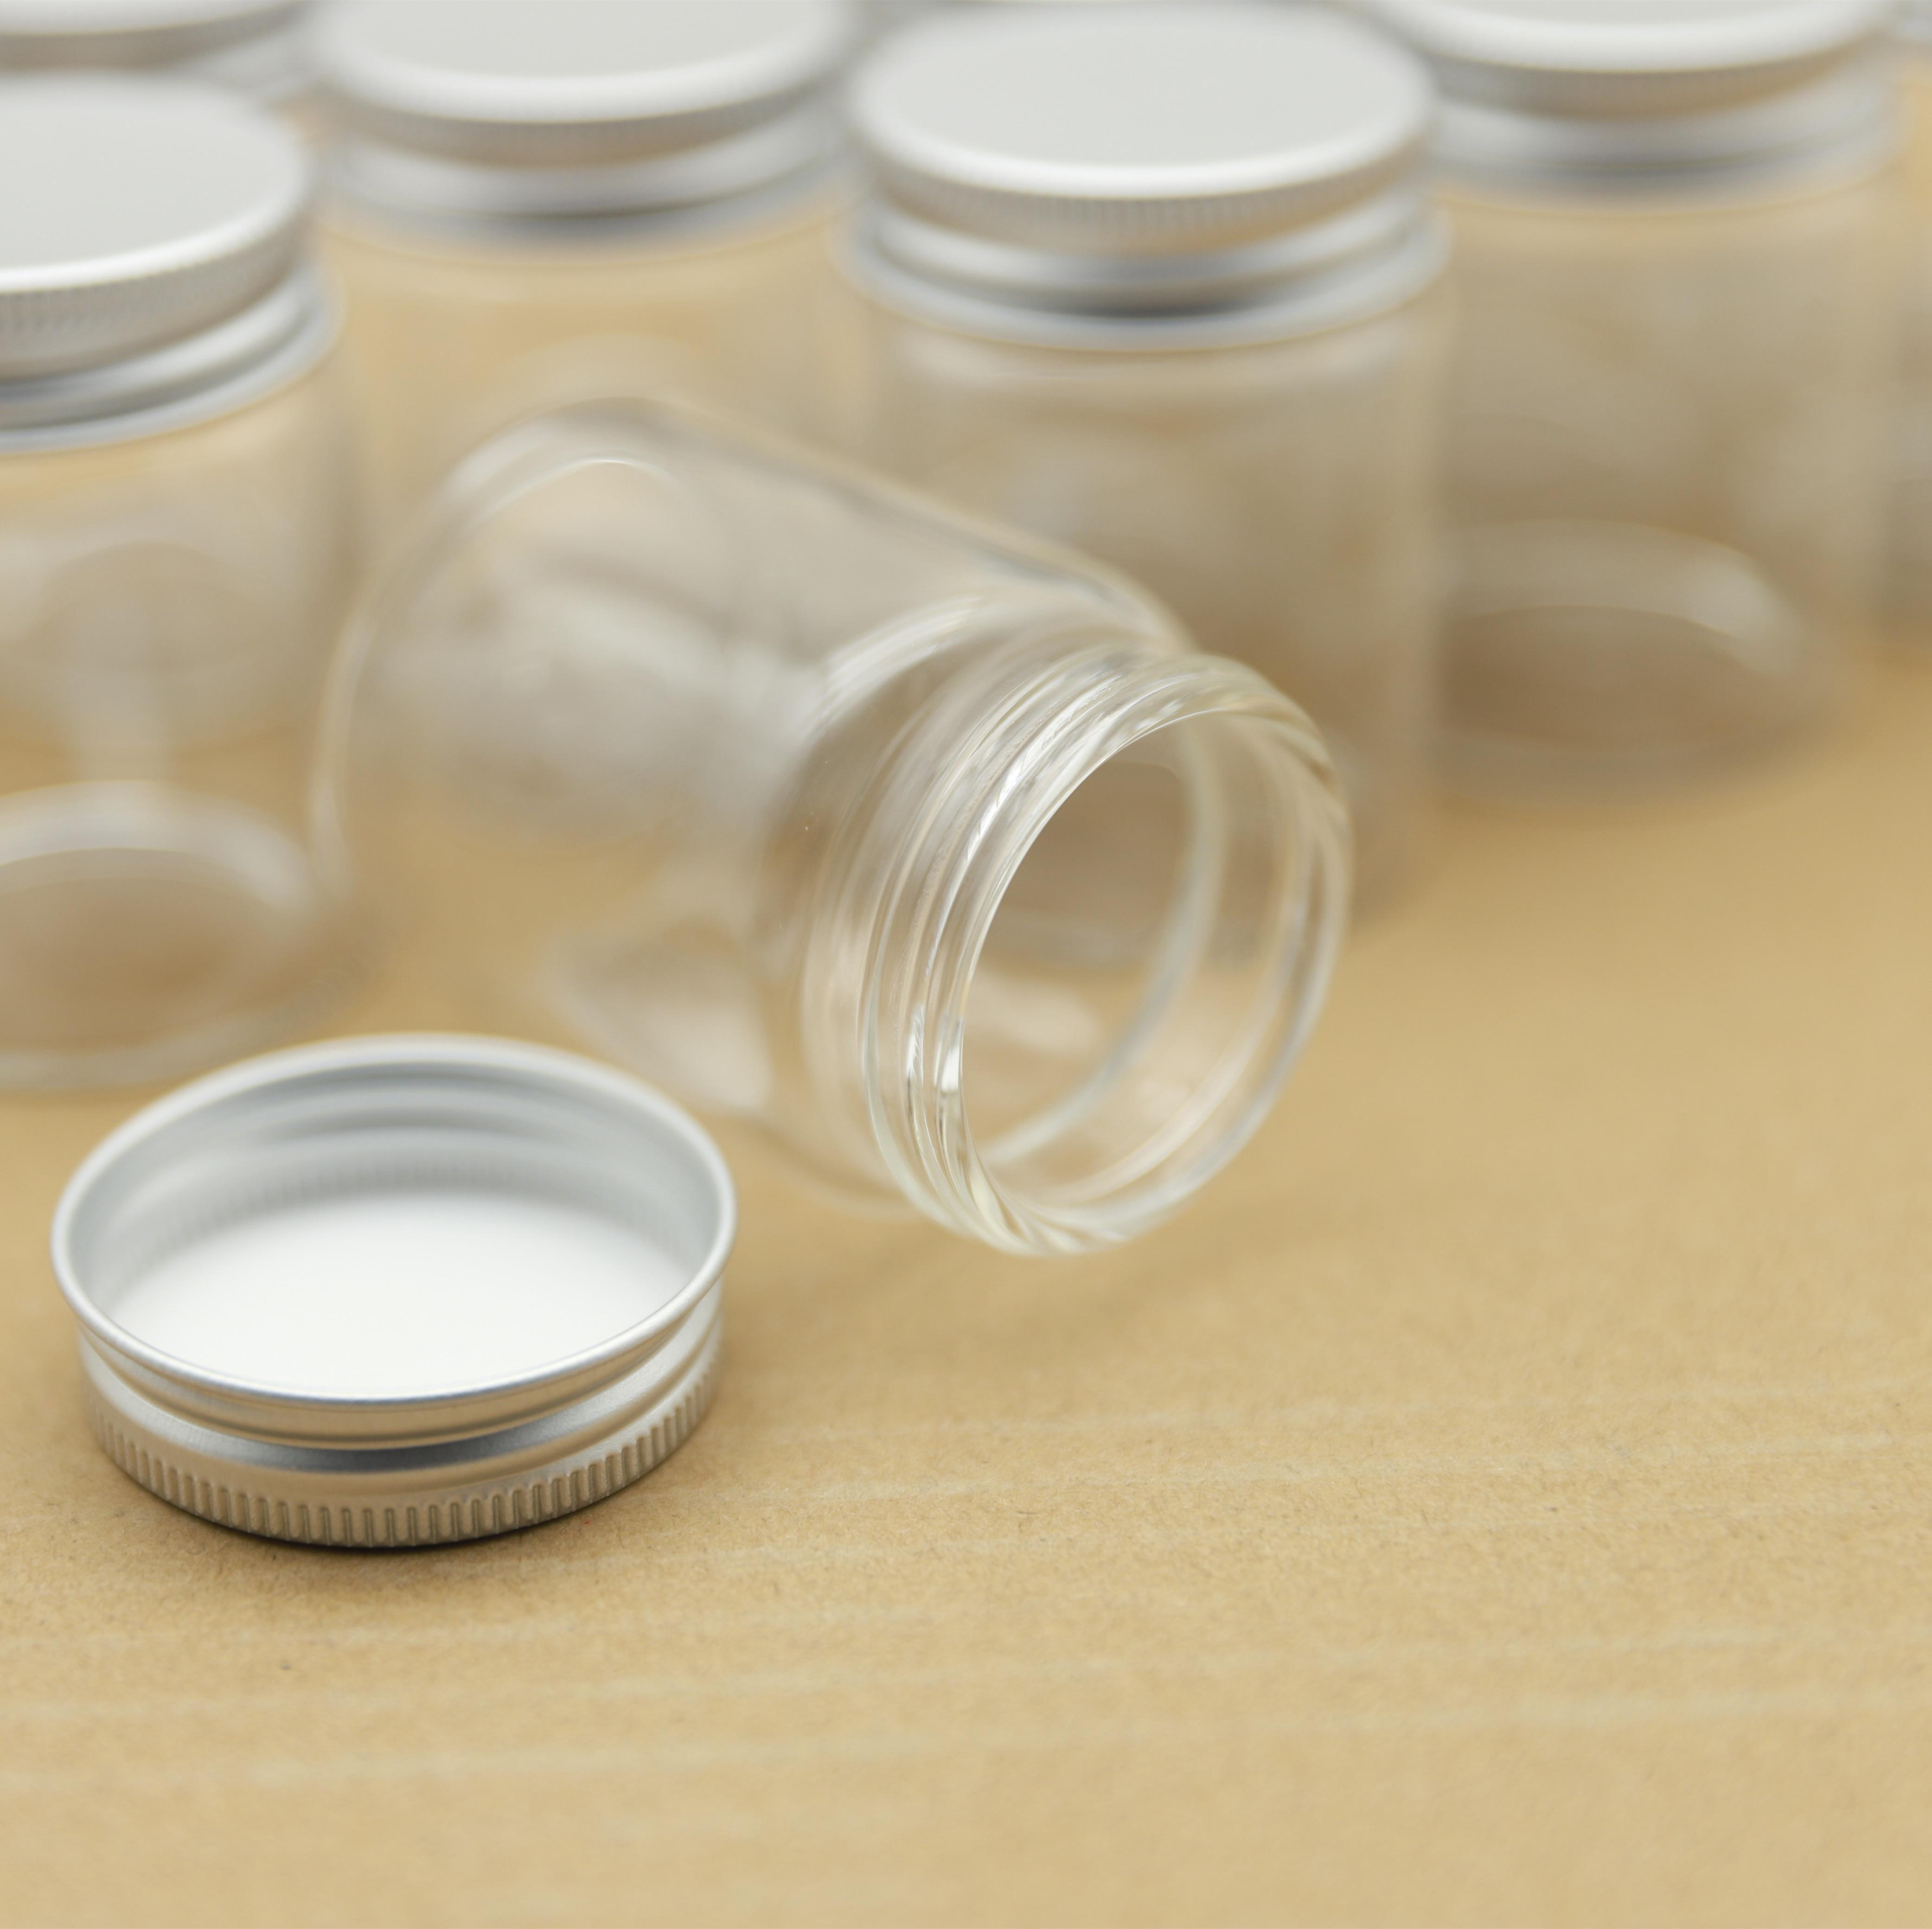 برطمانات زجاجية صغيرة شفافة ، برطمانات زجاجية صغيرة مع غطاء لولبي فضي ، برطمانات تخزين صغيرة ، زجاجات فارغة ، 47 × 60 مللي متر ، 60 مللي ، 12 قطعة